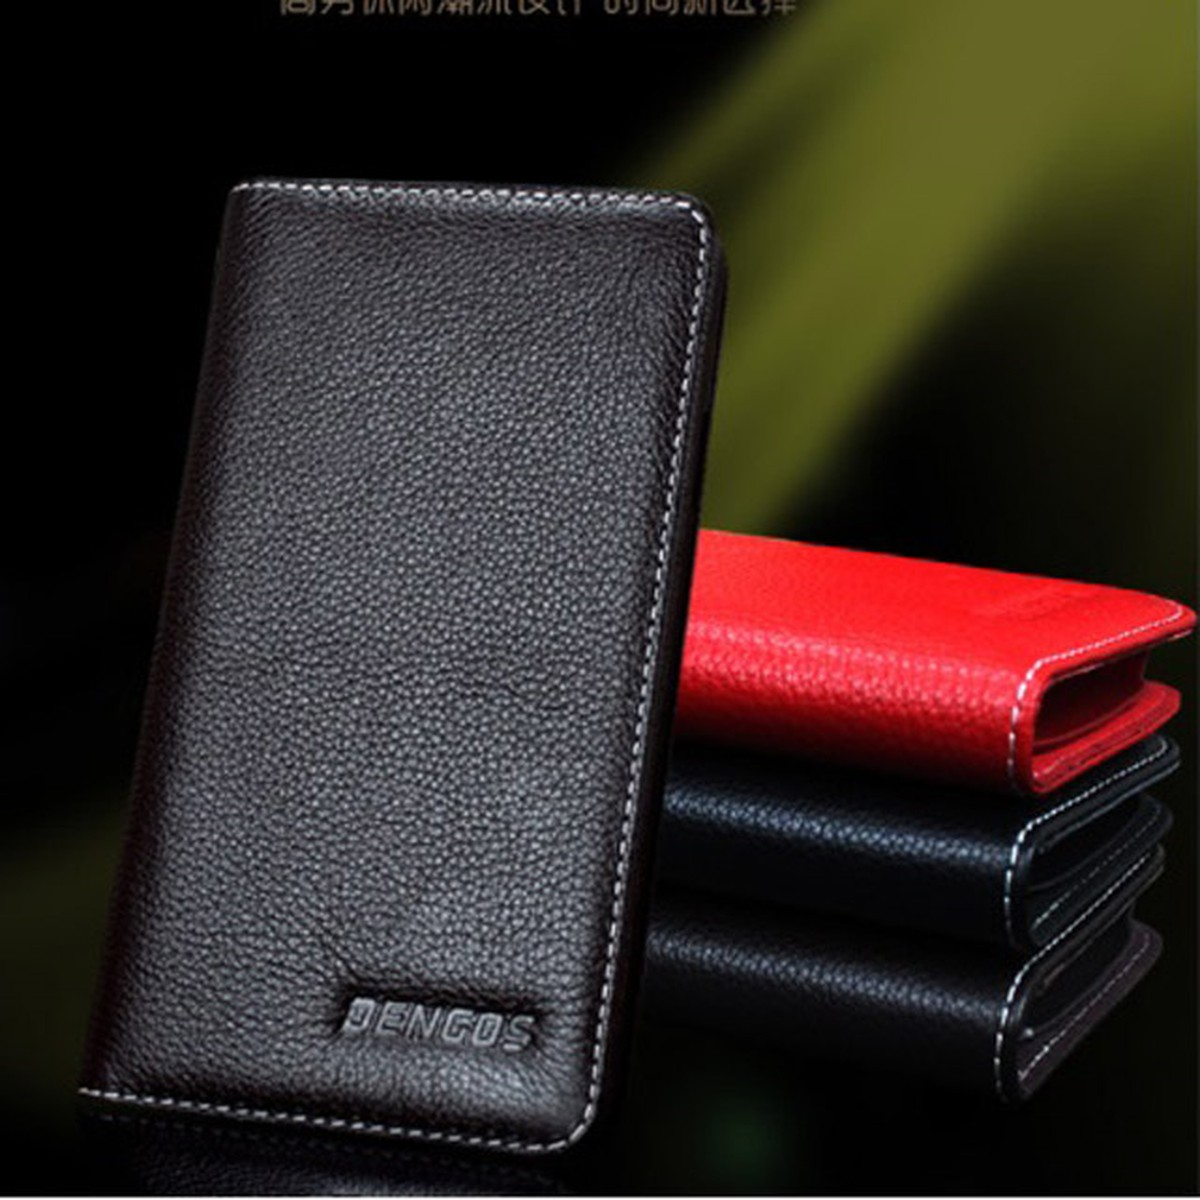 ゆうパケット メール便 送料200円 Galaxy S3 SC-06D SC-03E アウトレット SCL21 黒色 赤色 カバー 本革ケース 濃い茶 牛革 買い物 高級本革 スマートフォンケース